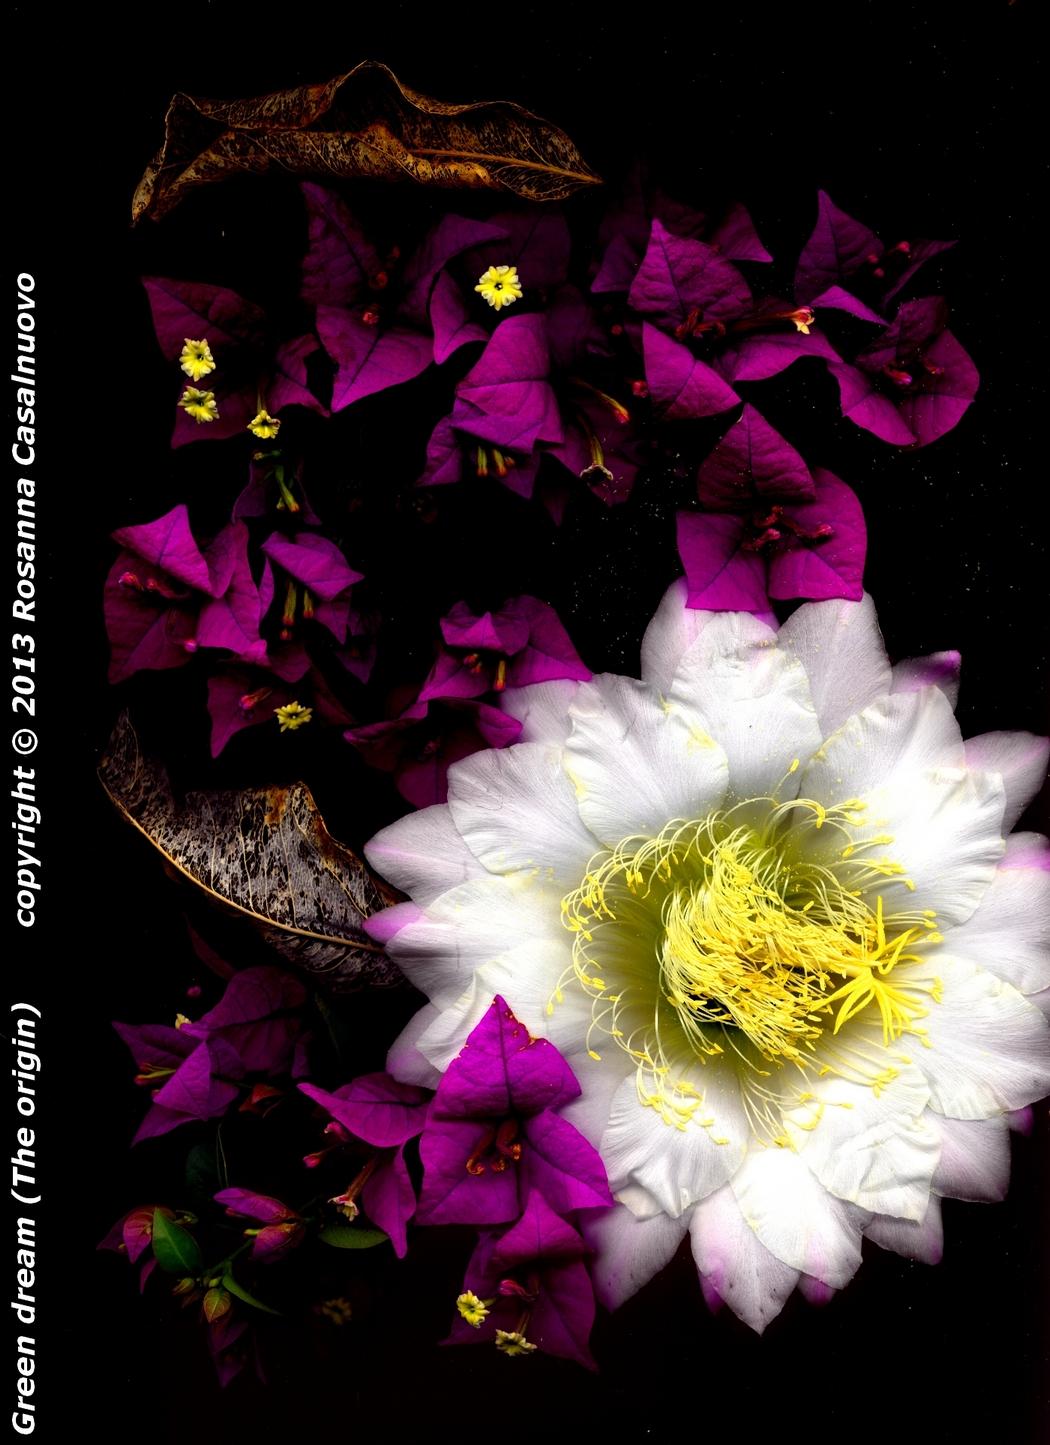 scannografia fiori bougainvillea cactus colori originali